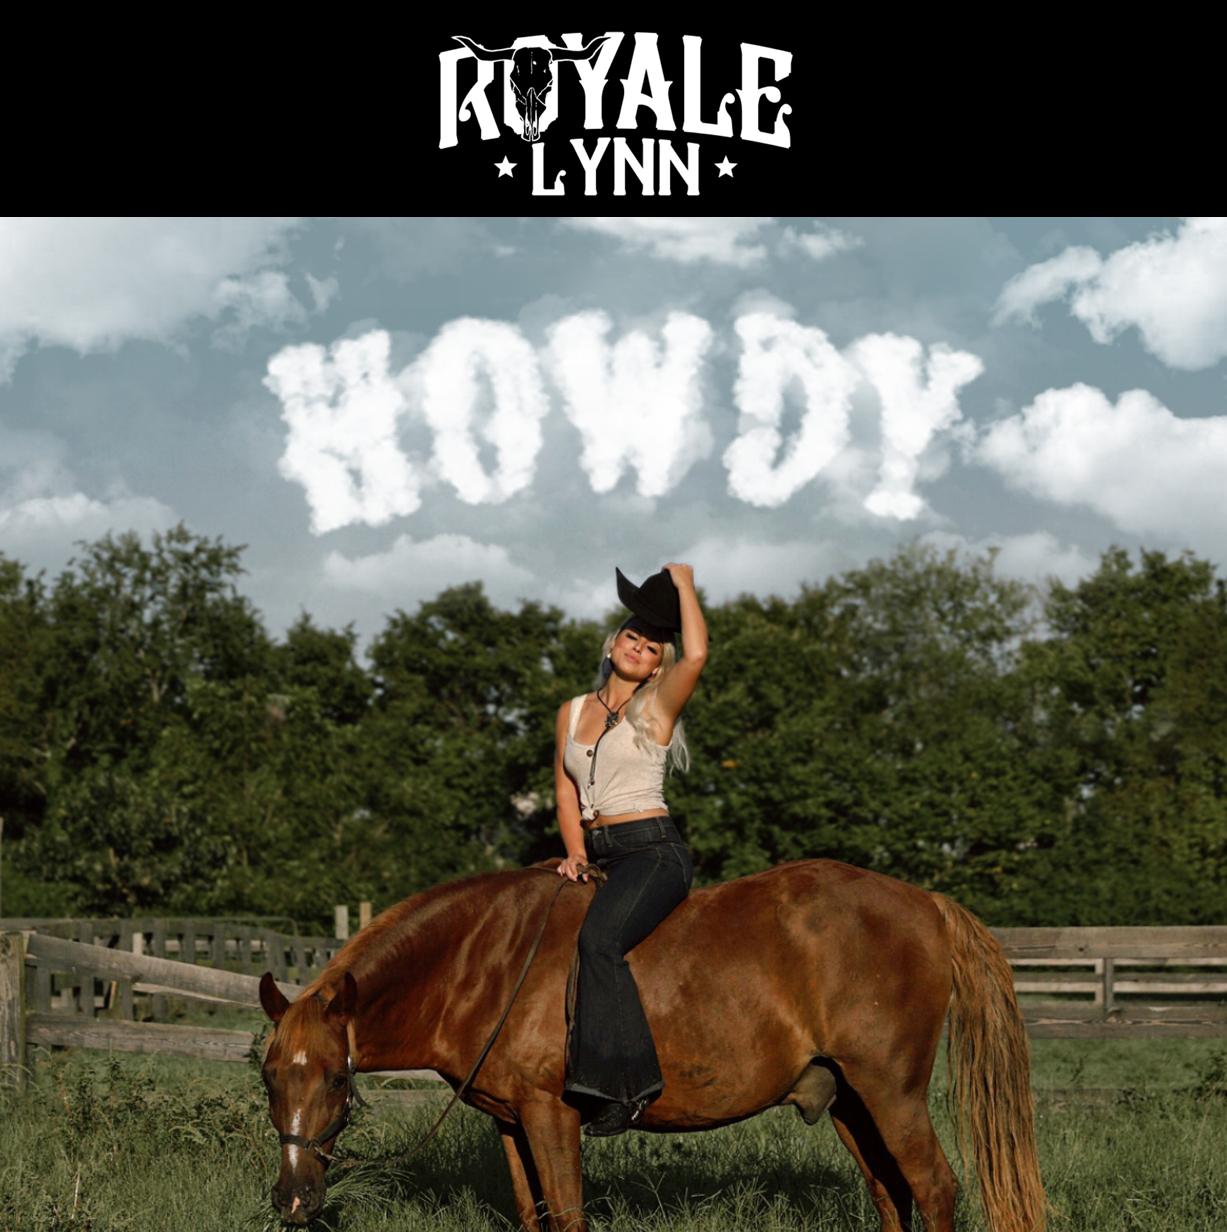 ROYALE LYNN